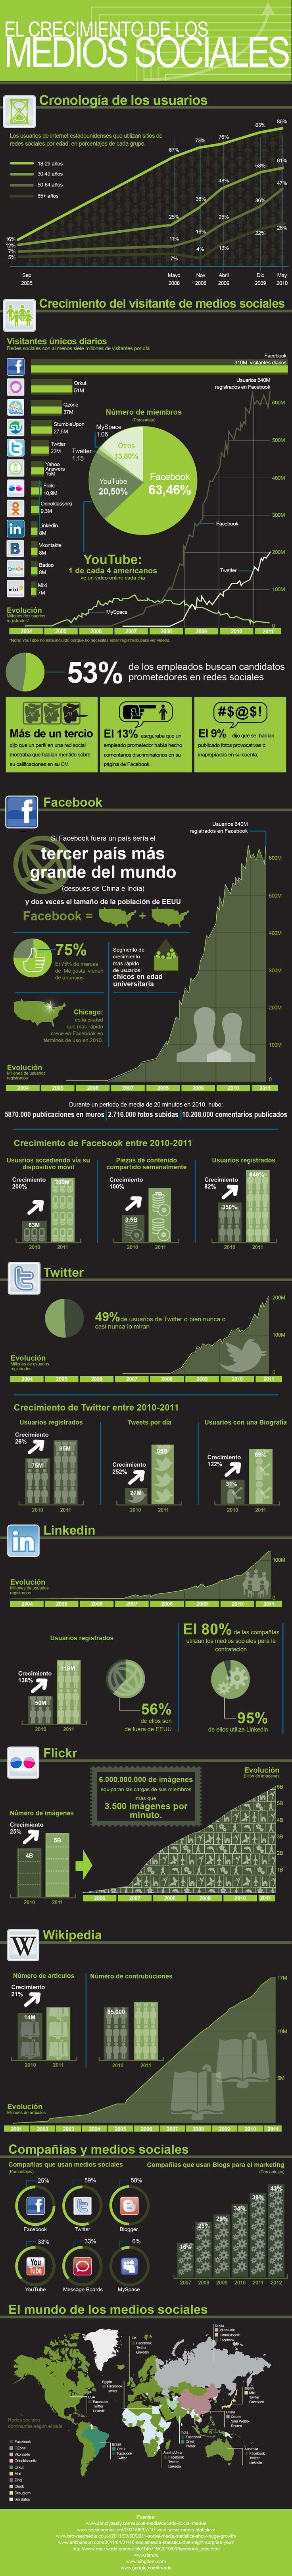 El crecimiento del Social Media #infografia en español